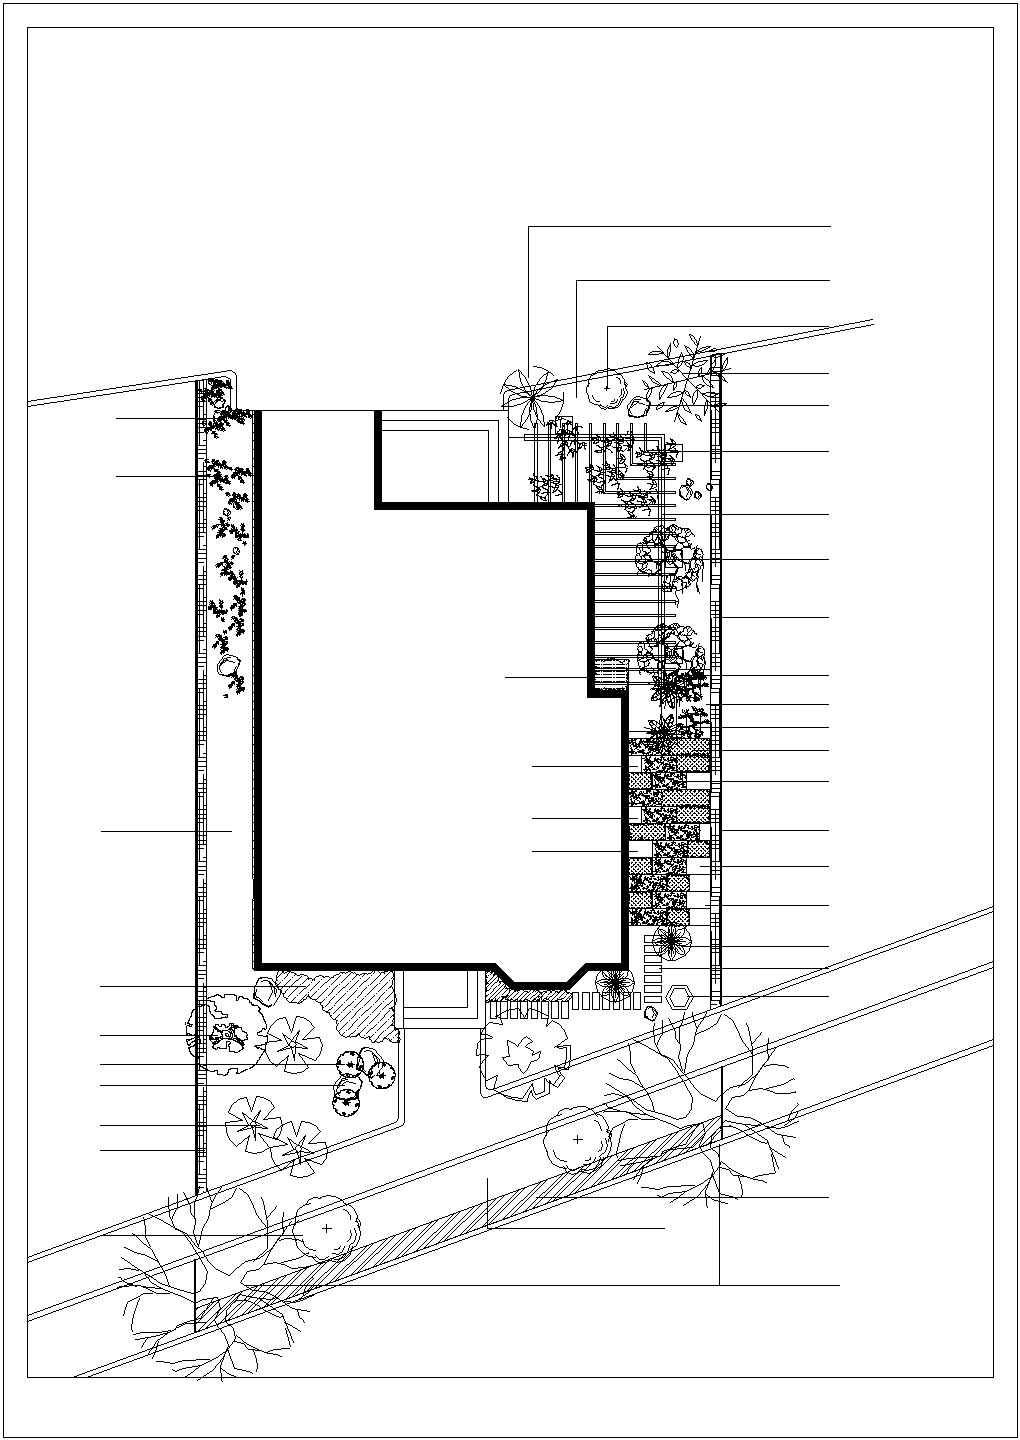 某地区别墅景观绿化设计平面施工图图片1